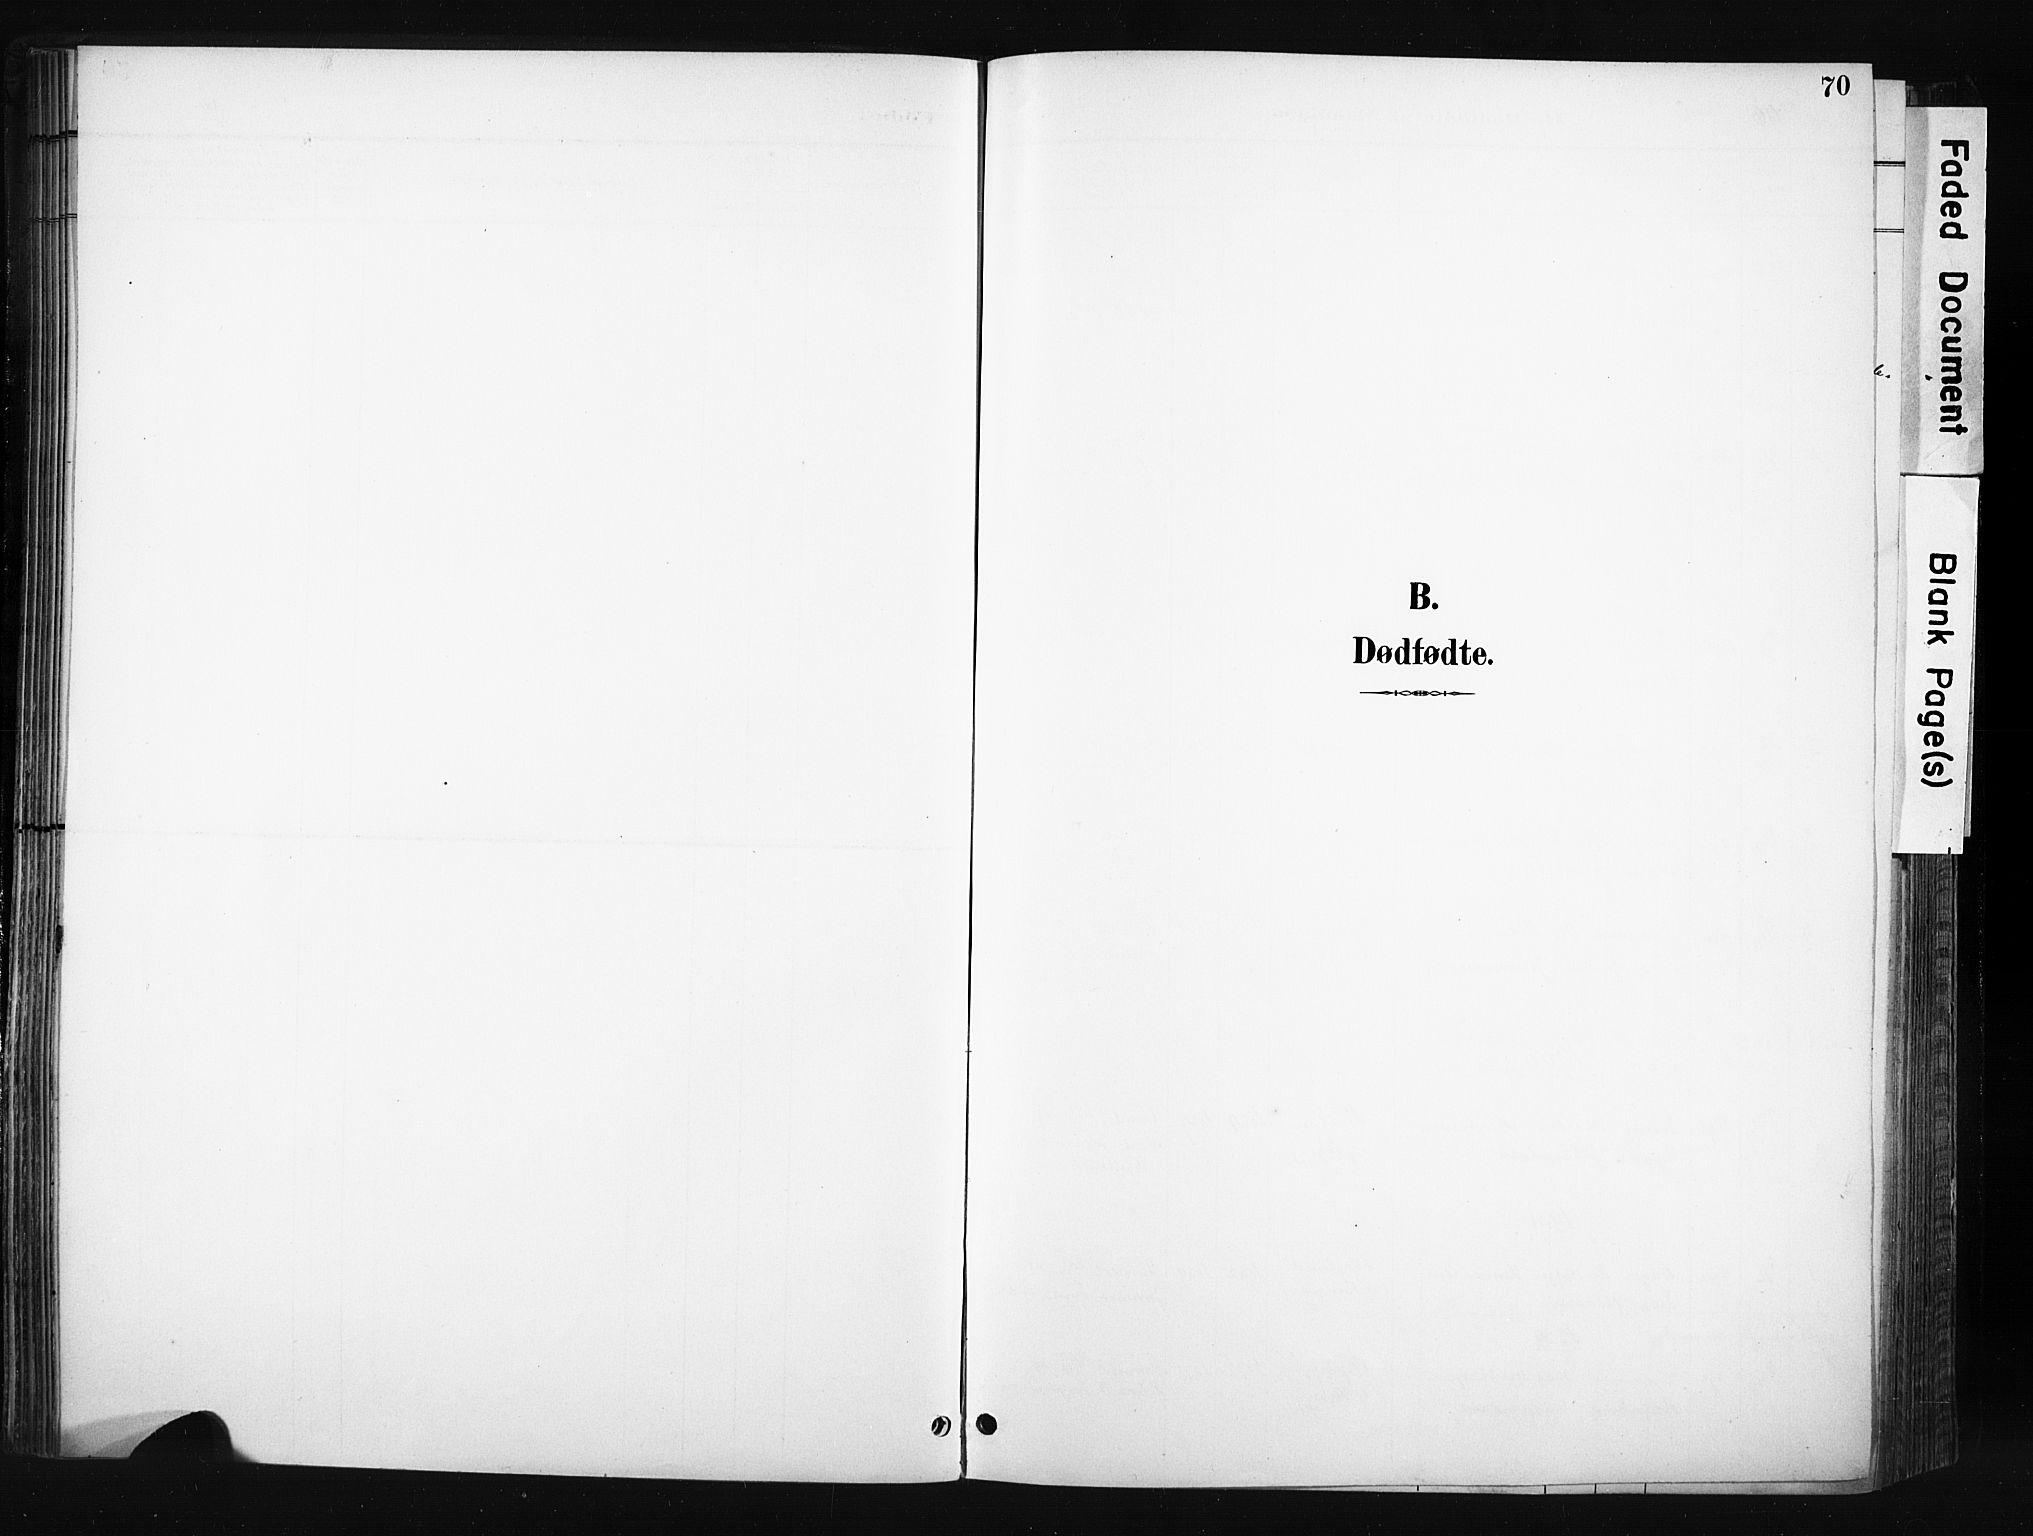 SAH, Søndre Land prestekontor, K/L0004: Ministerialbok nr. 4, 1895-1904, s. 70